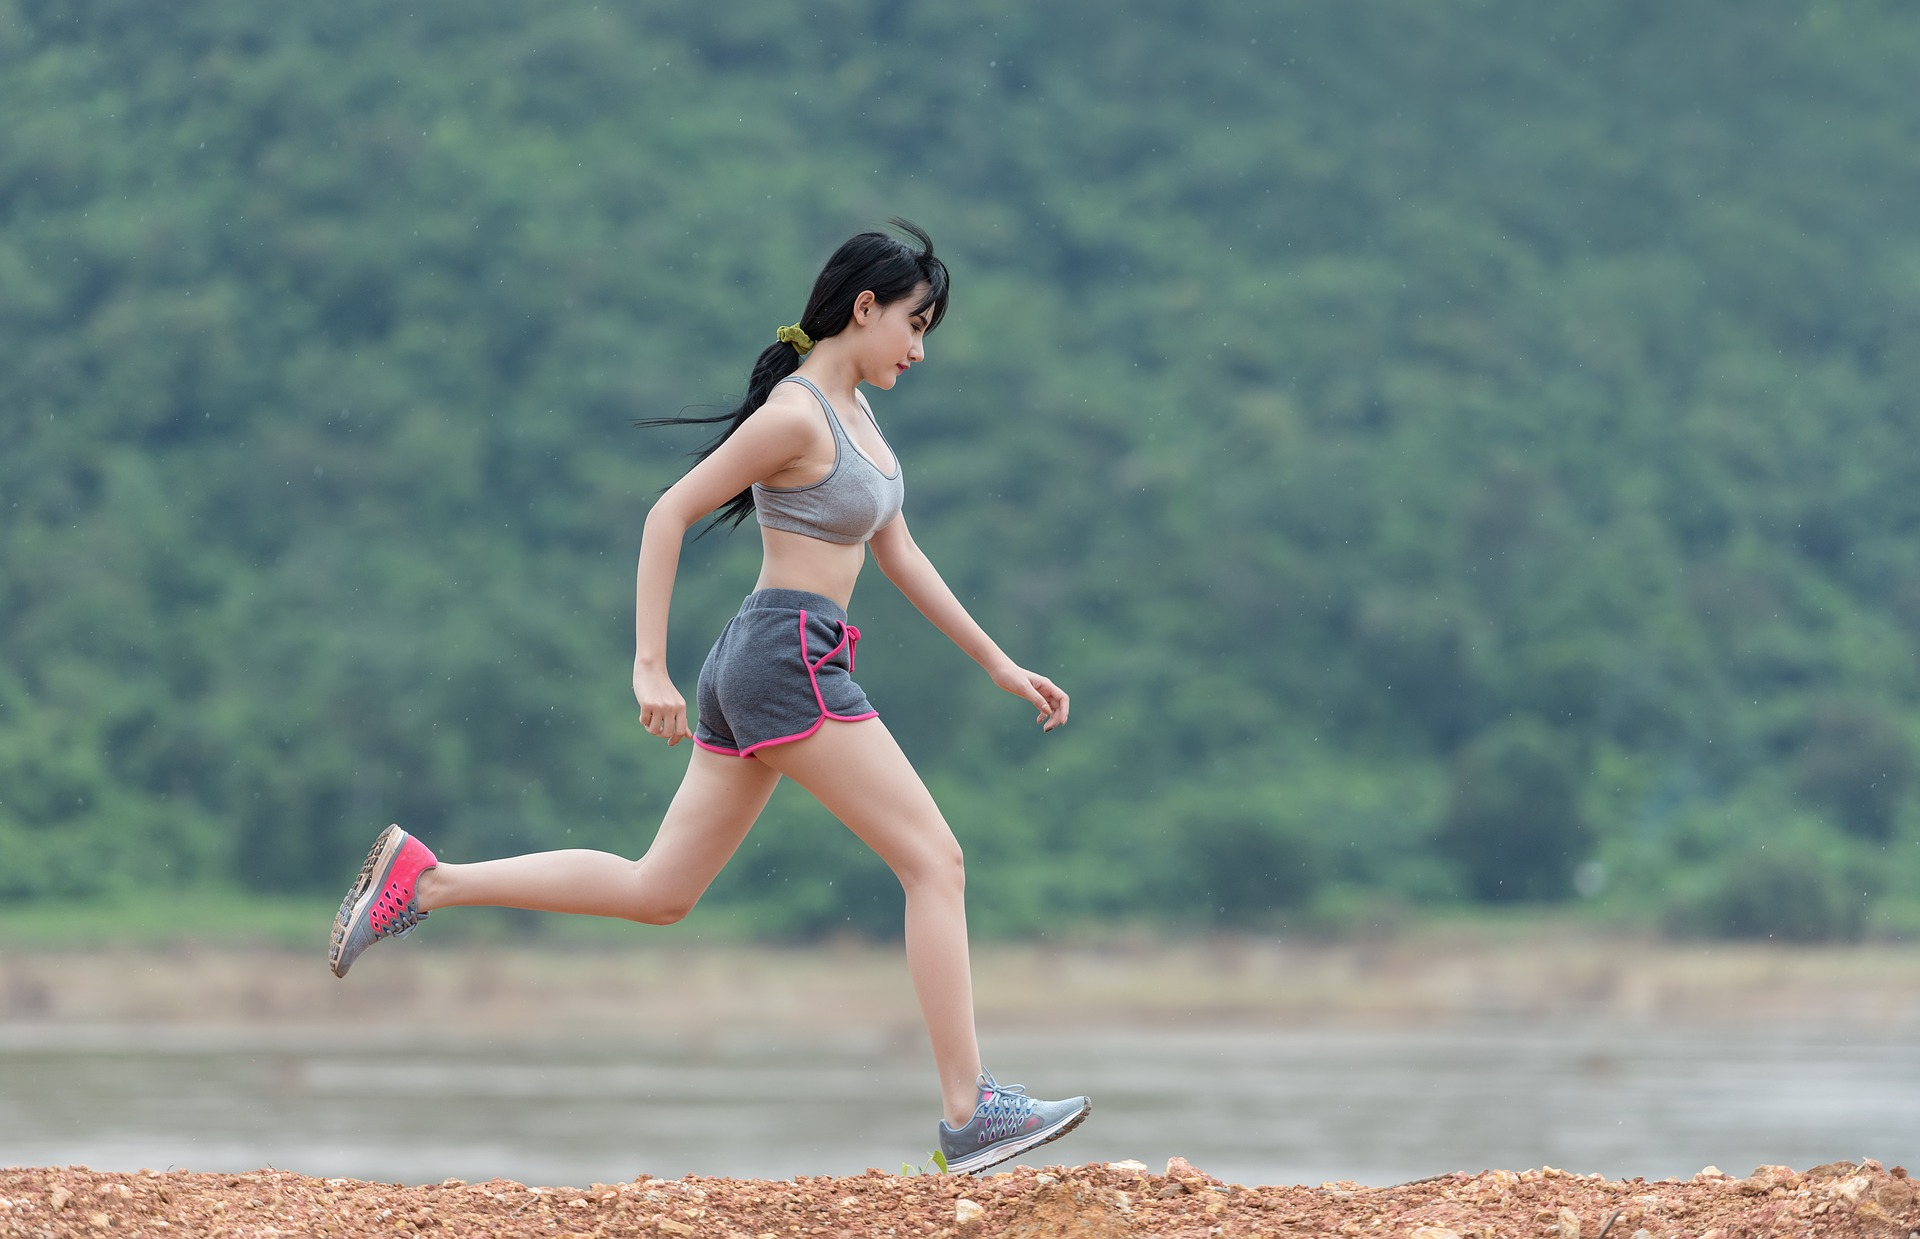 Consejos para tener más motivación en los entrenamientos